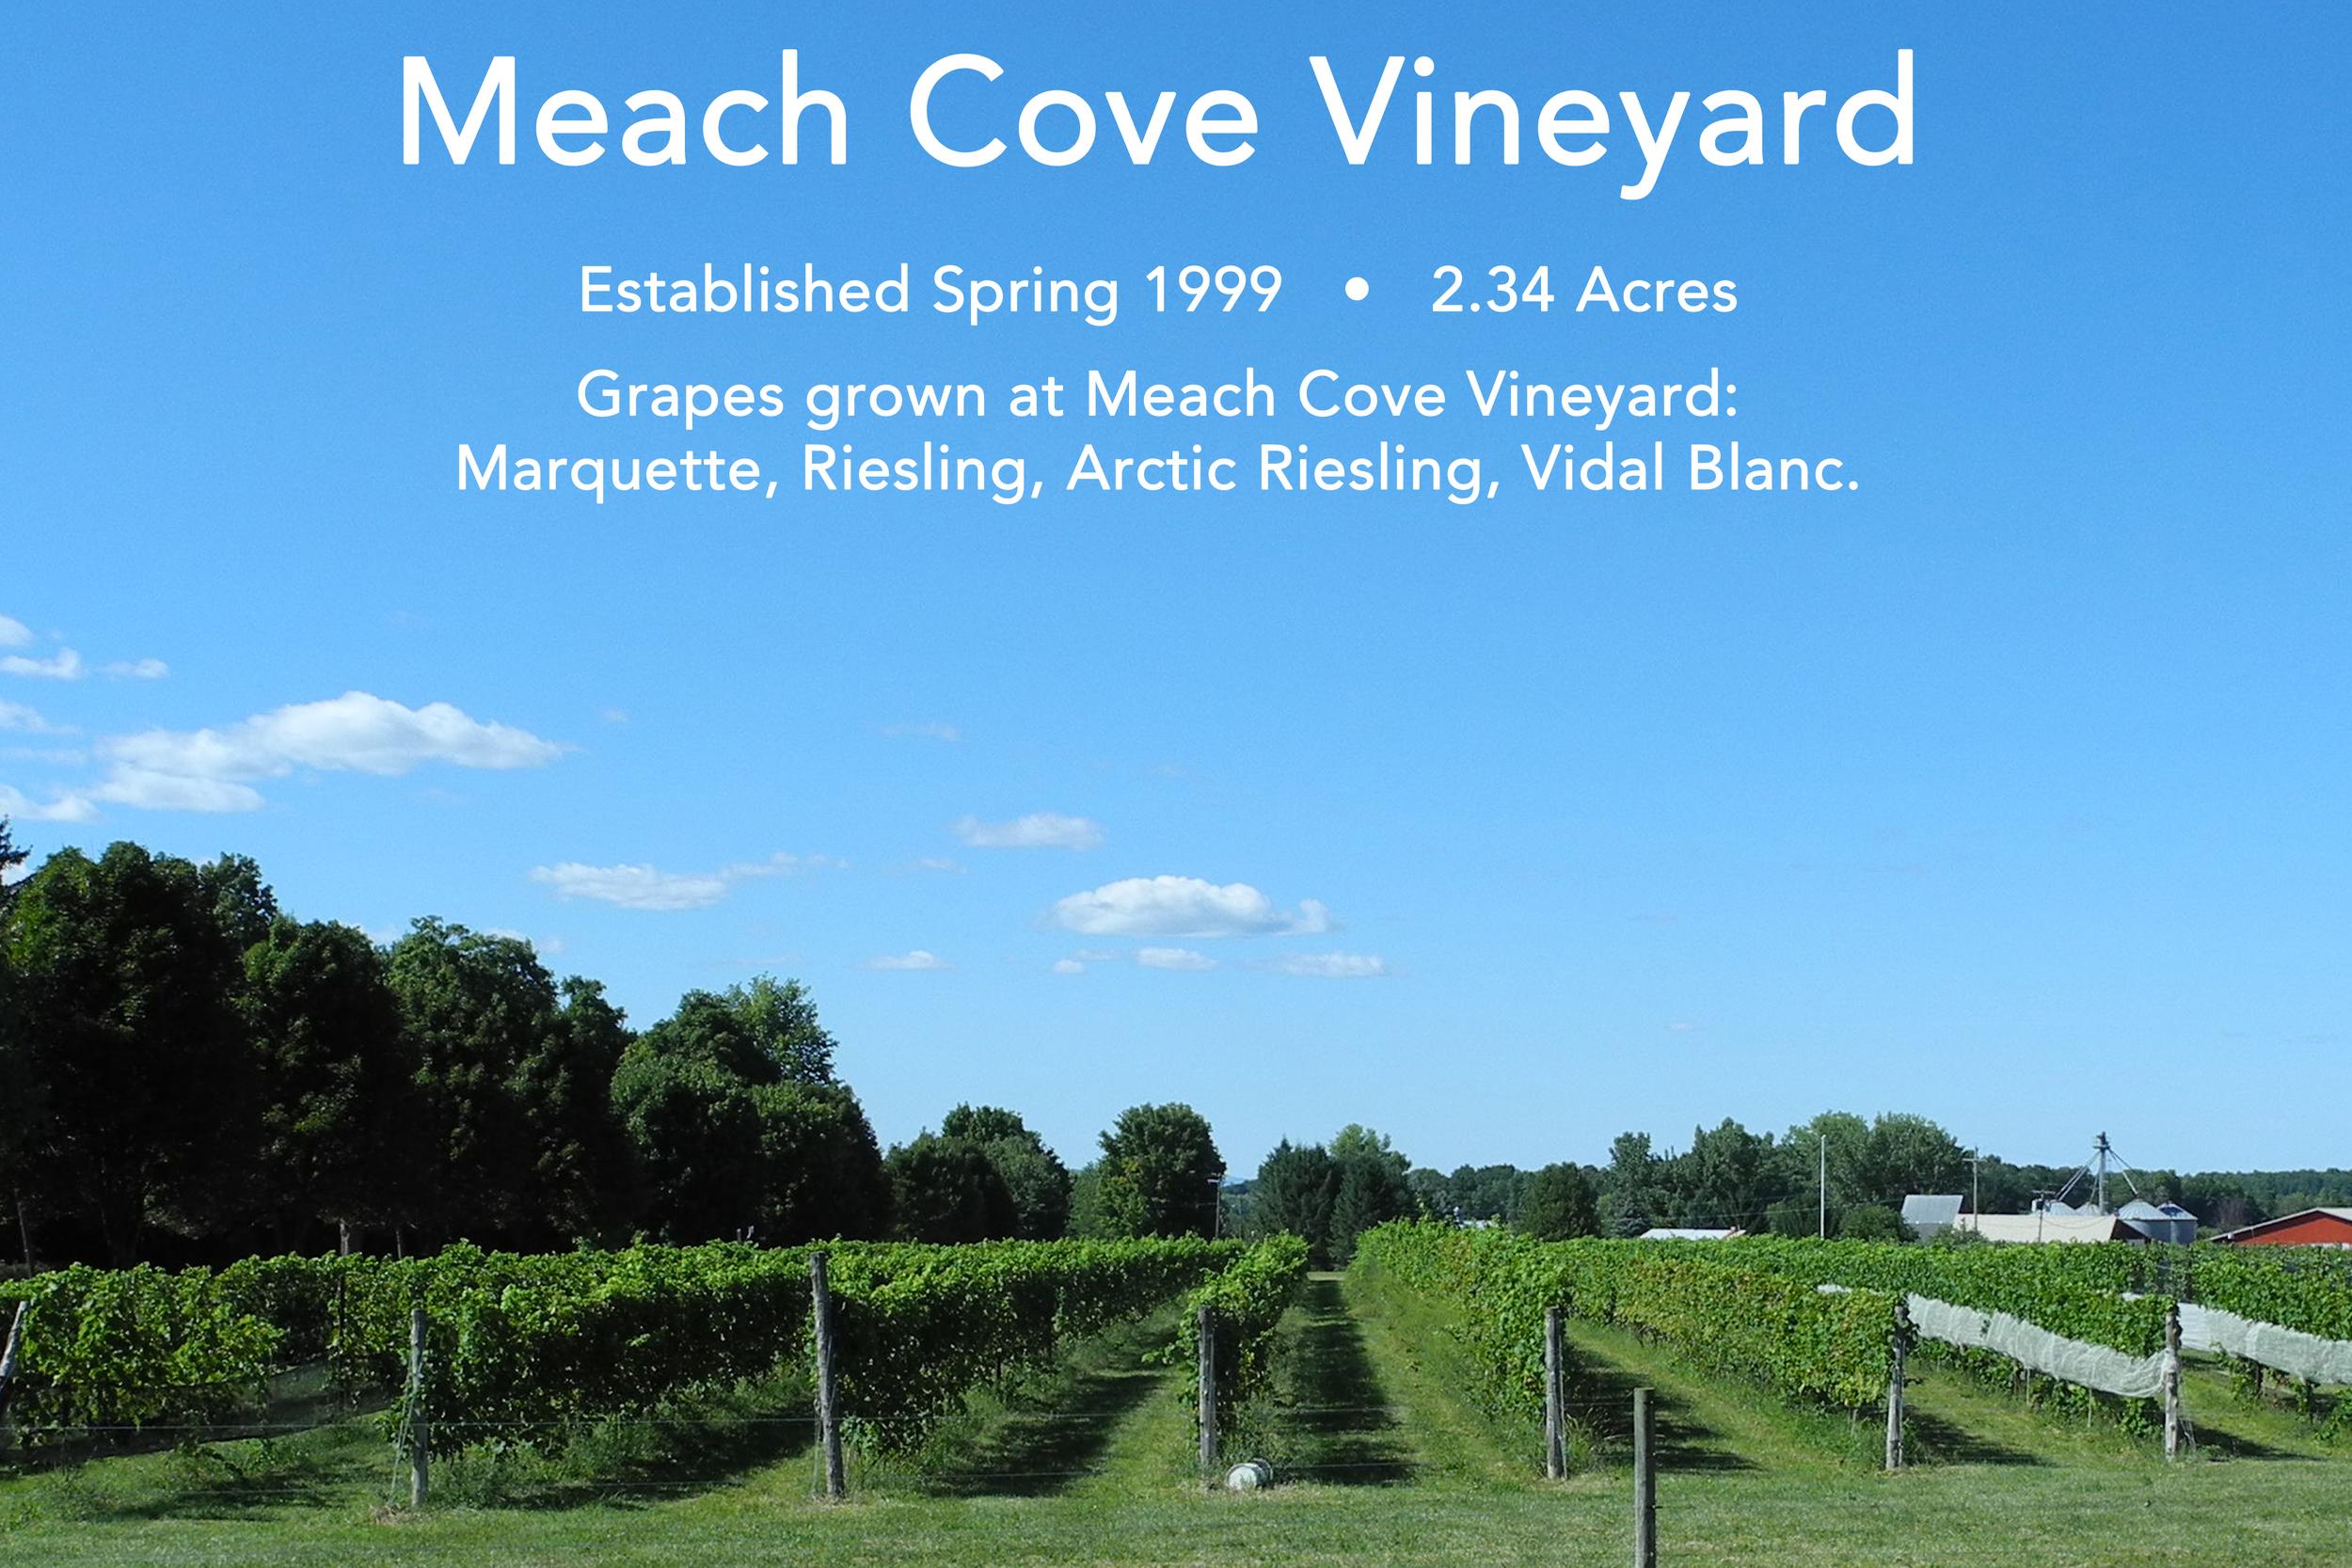 Meach Cove Vineyard